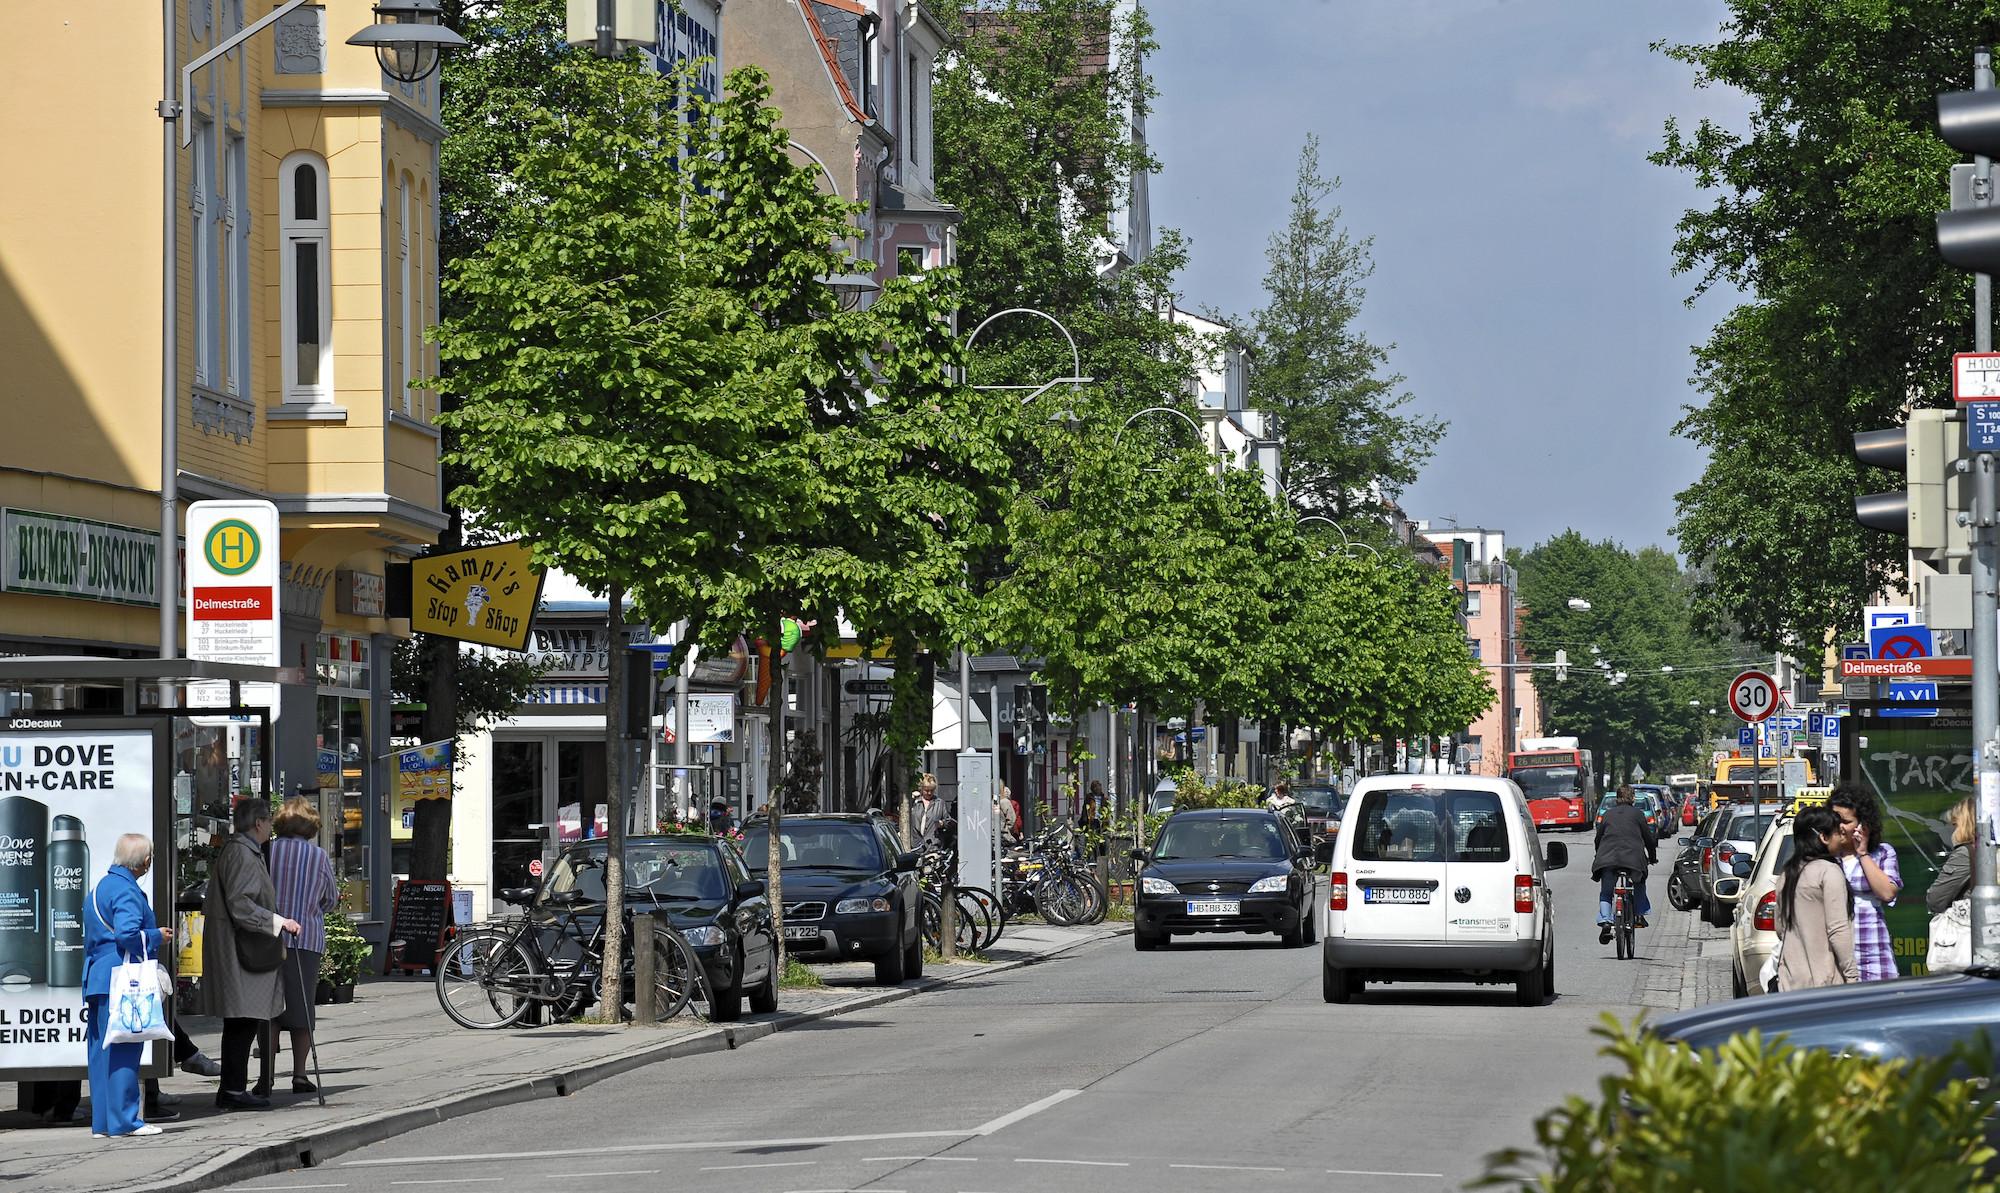 Ein Straßenzug, befahren von zwei Autos und einem Fahrrad, links eine Bushaltestelle; Quelle: WFB/Frank Pusch